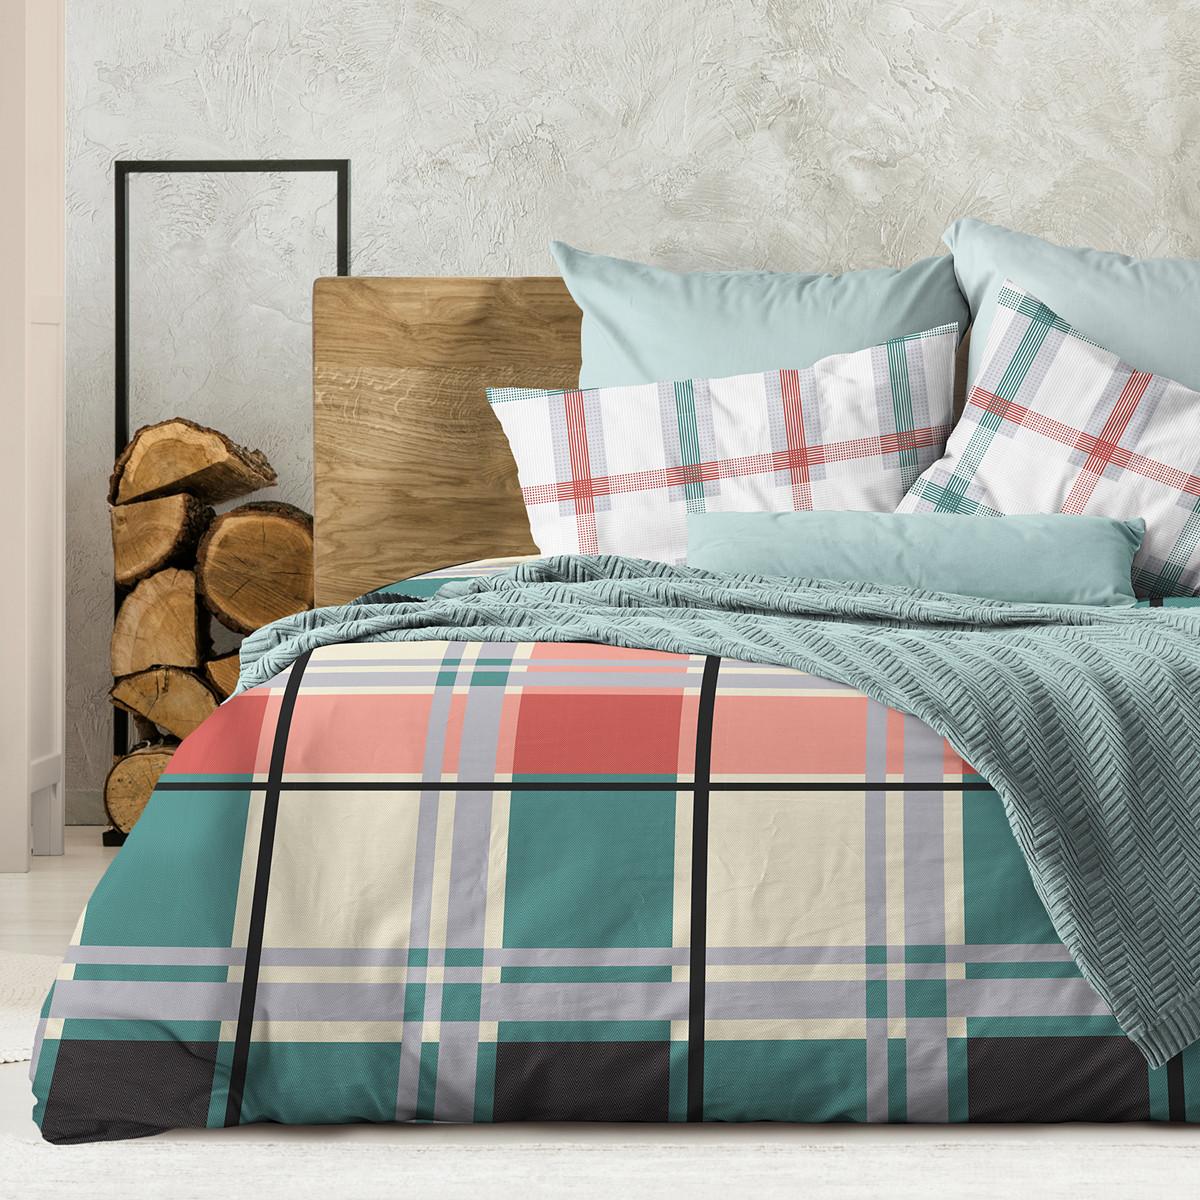 Wenge Комплект постельного белья Brisbane,  WENGE, 2 спальный евро (наволочки 70х70),